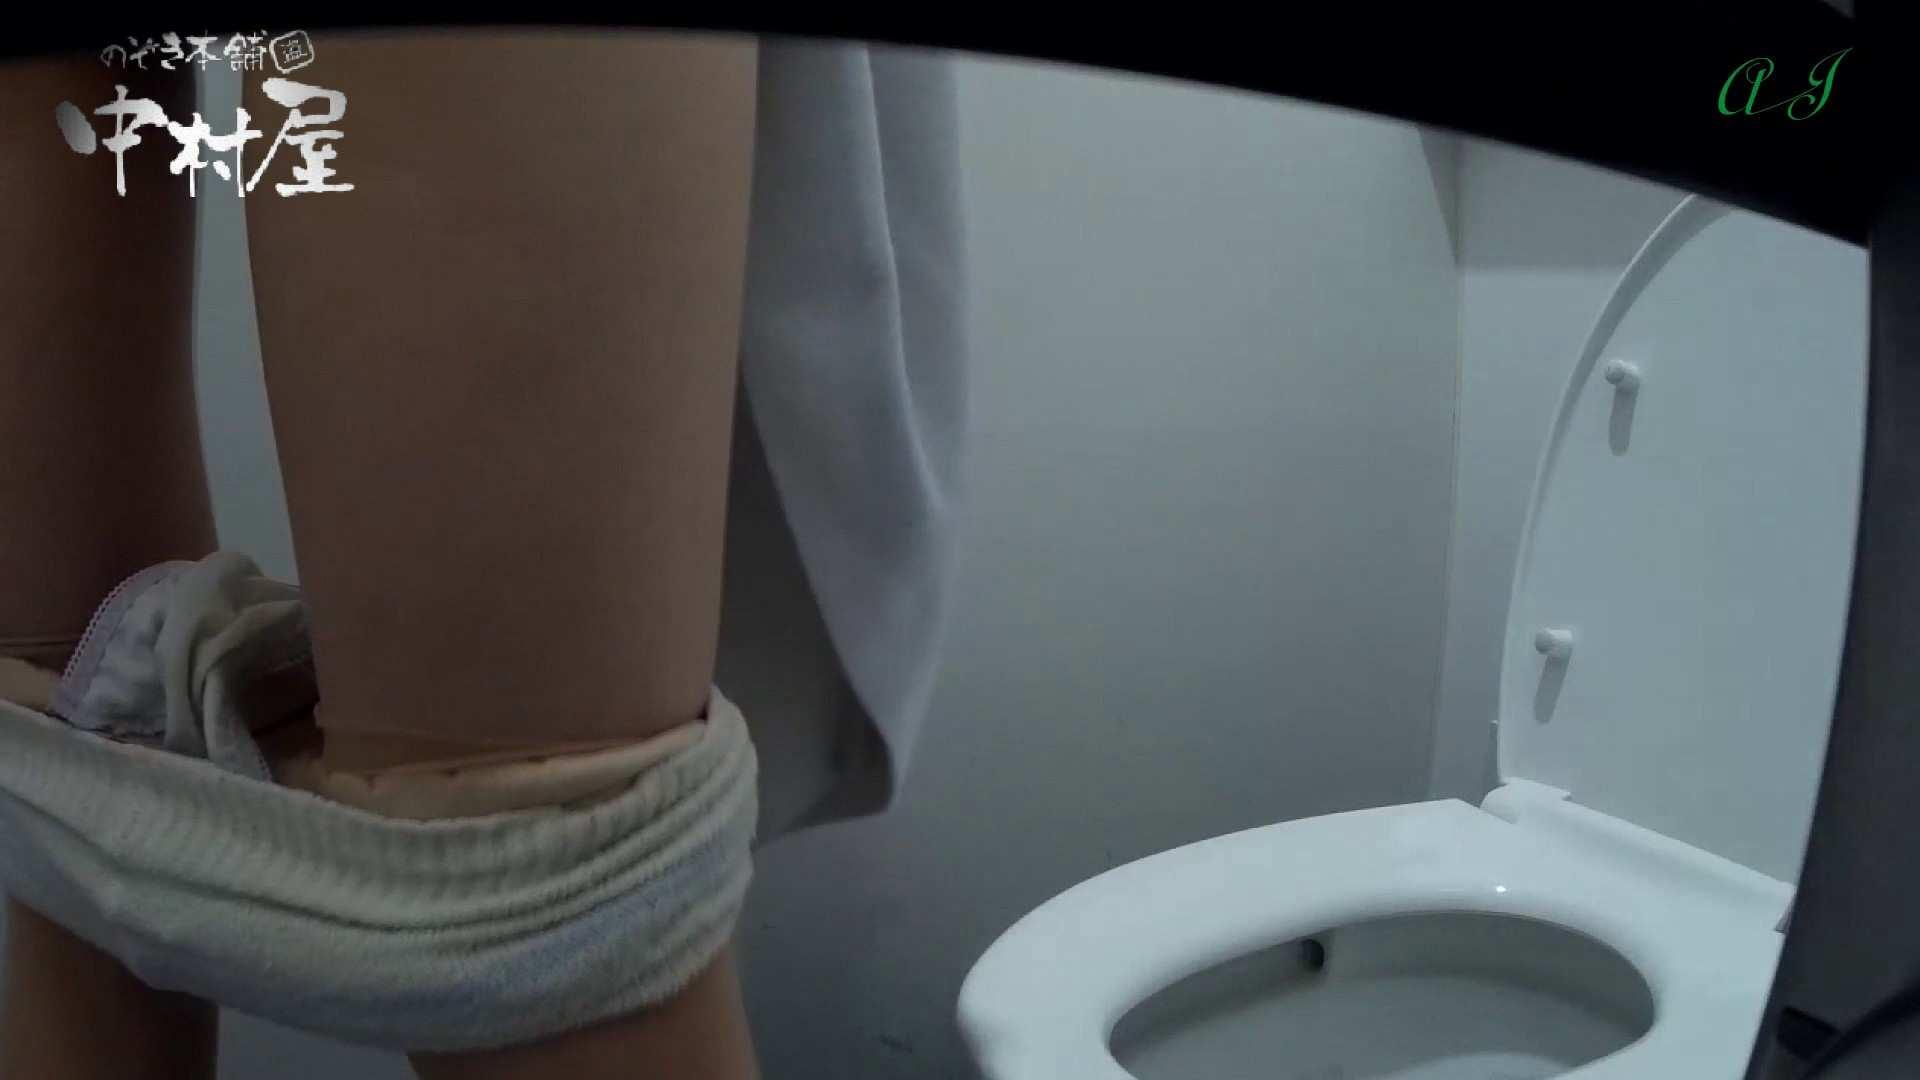 有名大学女性洗面所 vol.63 新入生の季節です。設置も変えてみました。 和式 隠し撮りオマンコ動画紹介 93連発 49